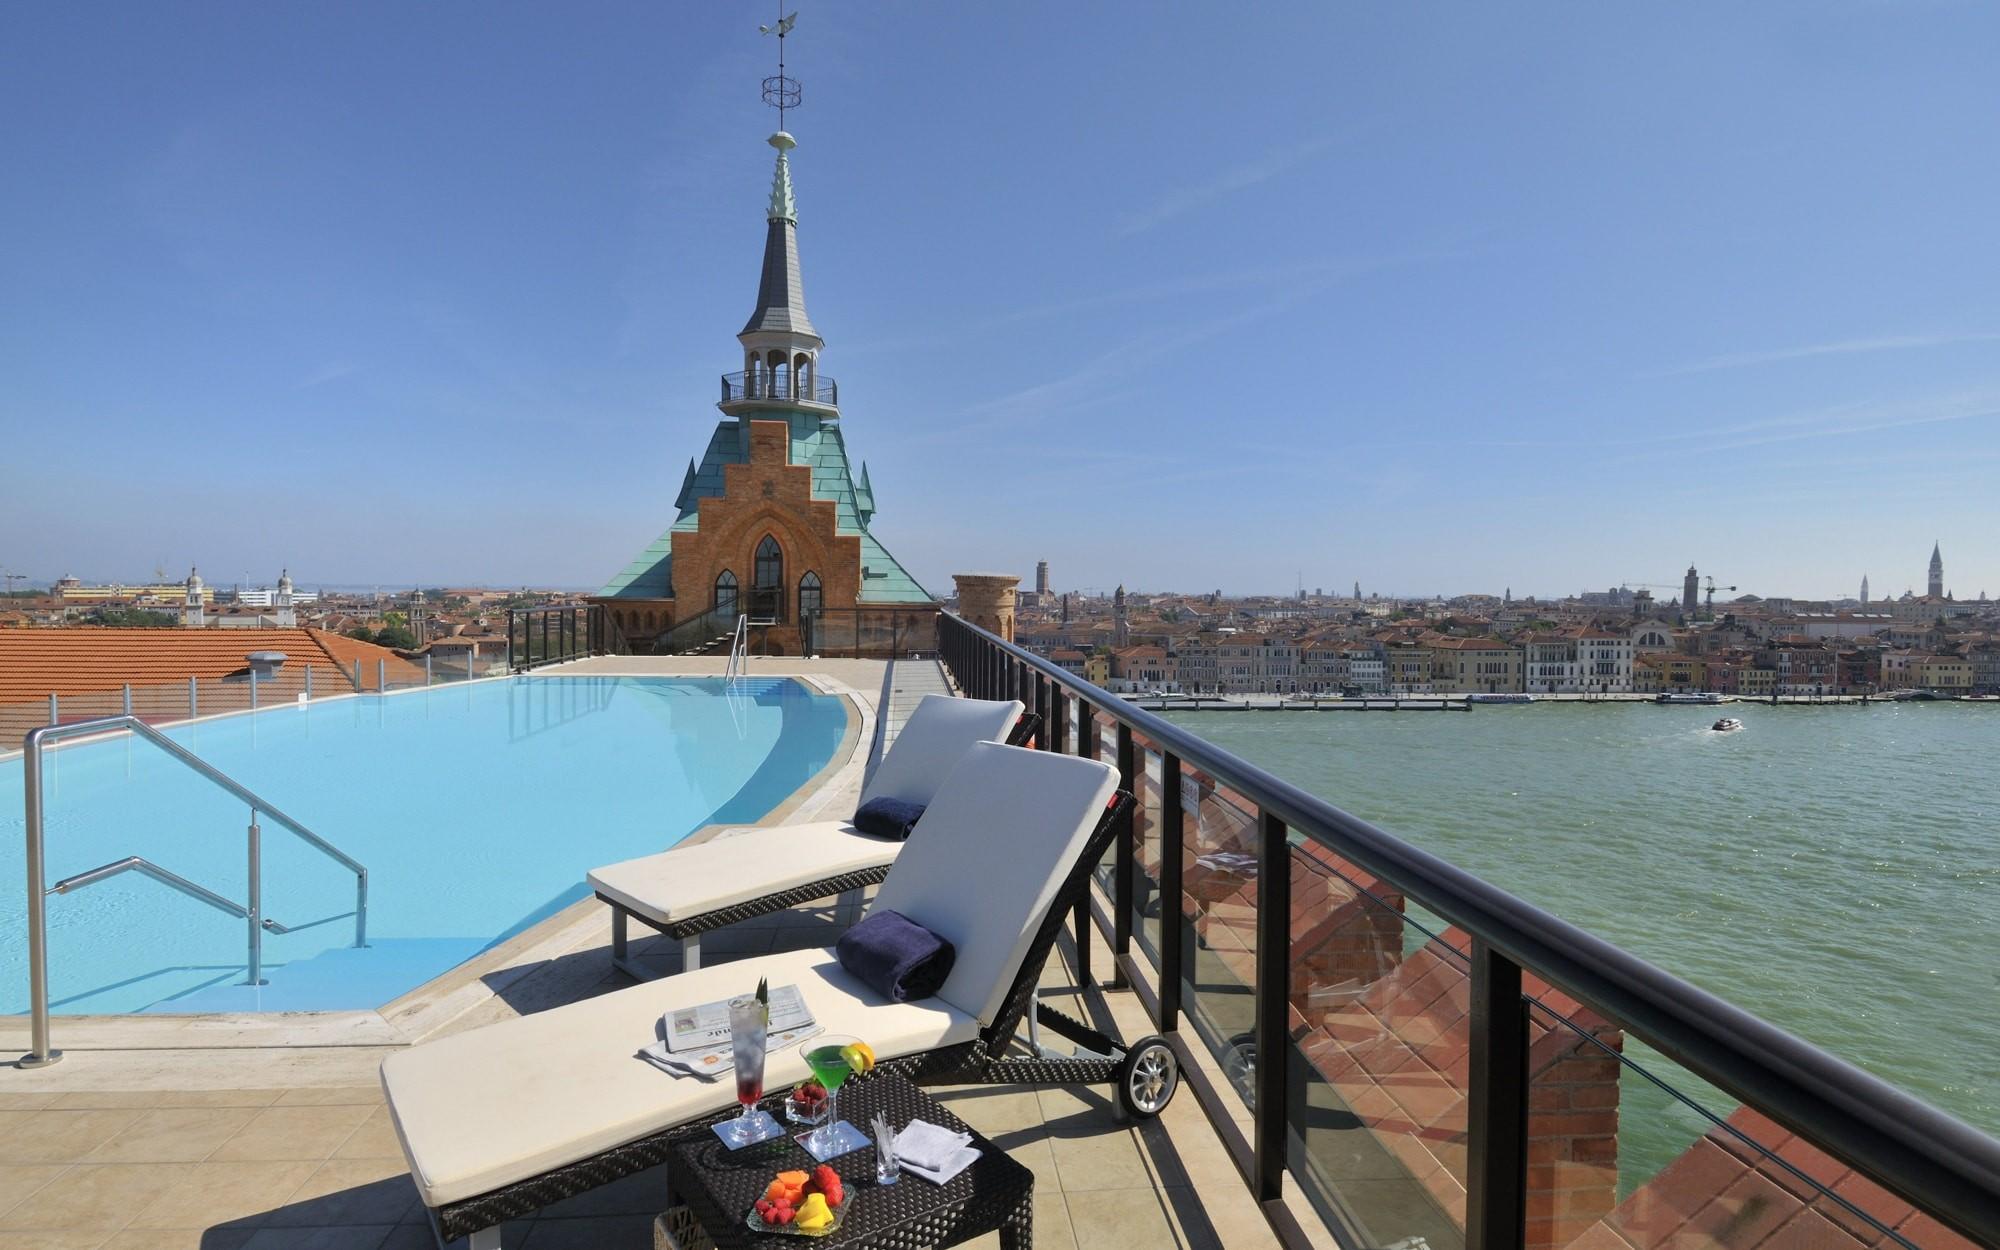 Hilton Hotel In Venice Italy Inspirational Hilton Molino Stucky Venice Hotel Review Italy